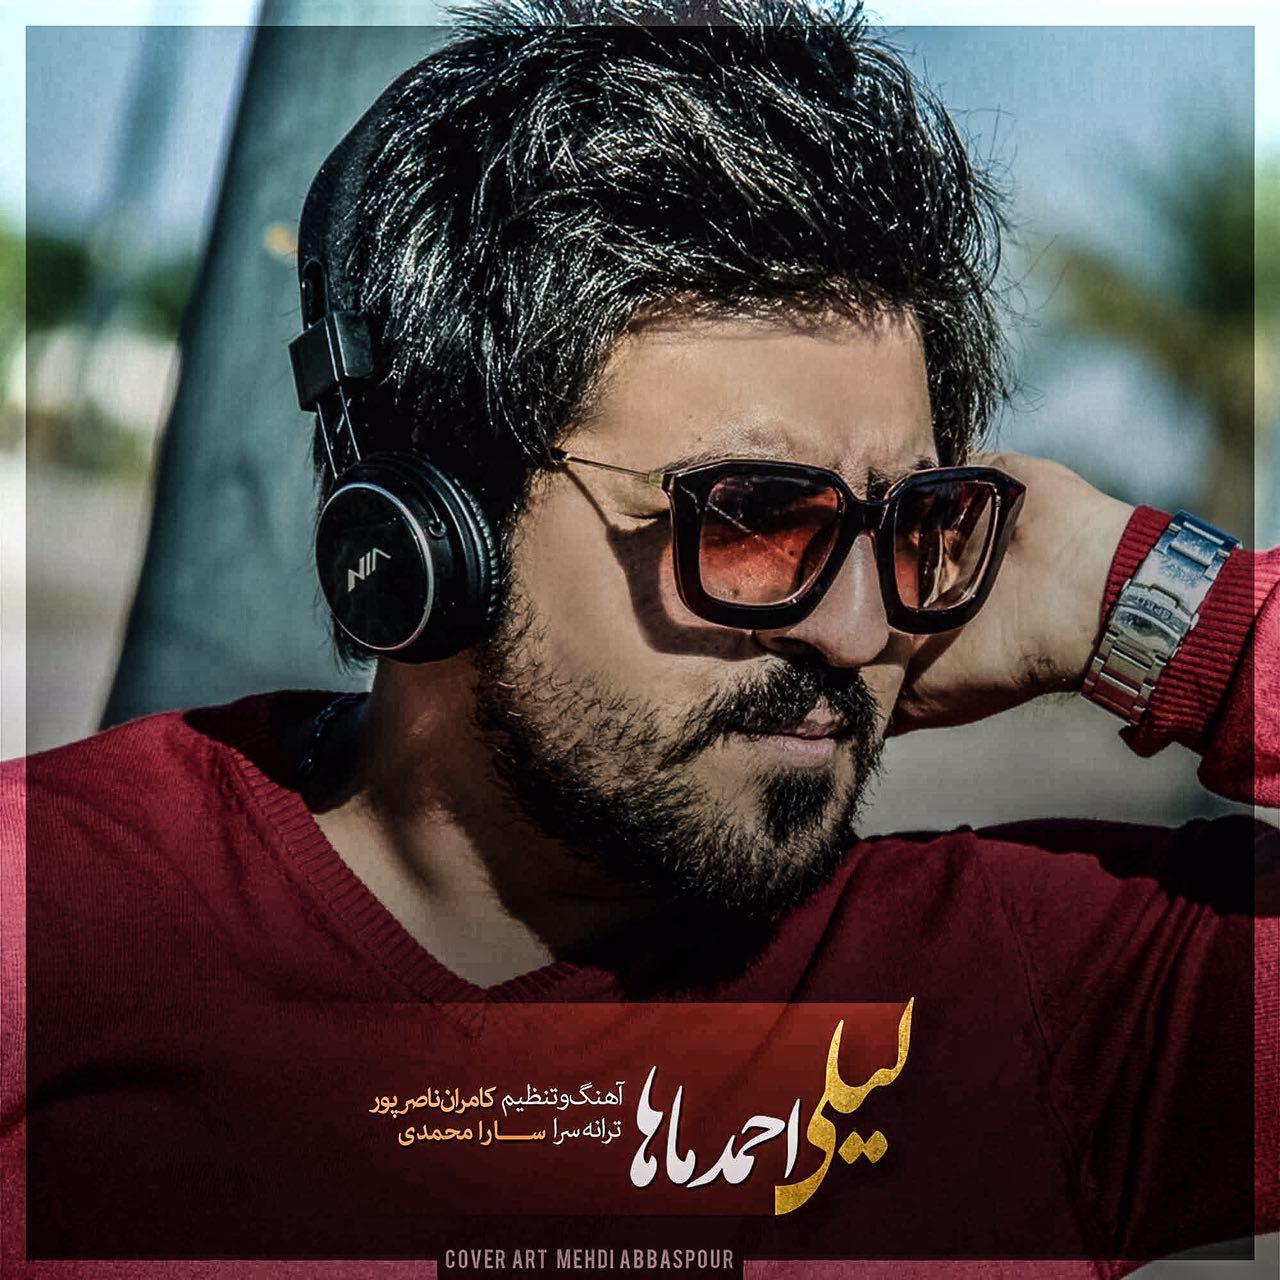 دانلود آهنگ جدید احمد ماها به نام لیلی